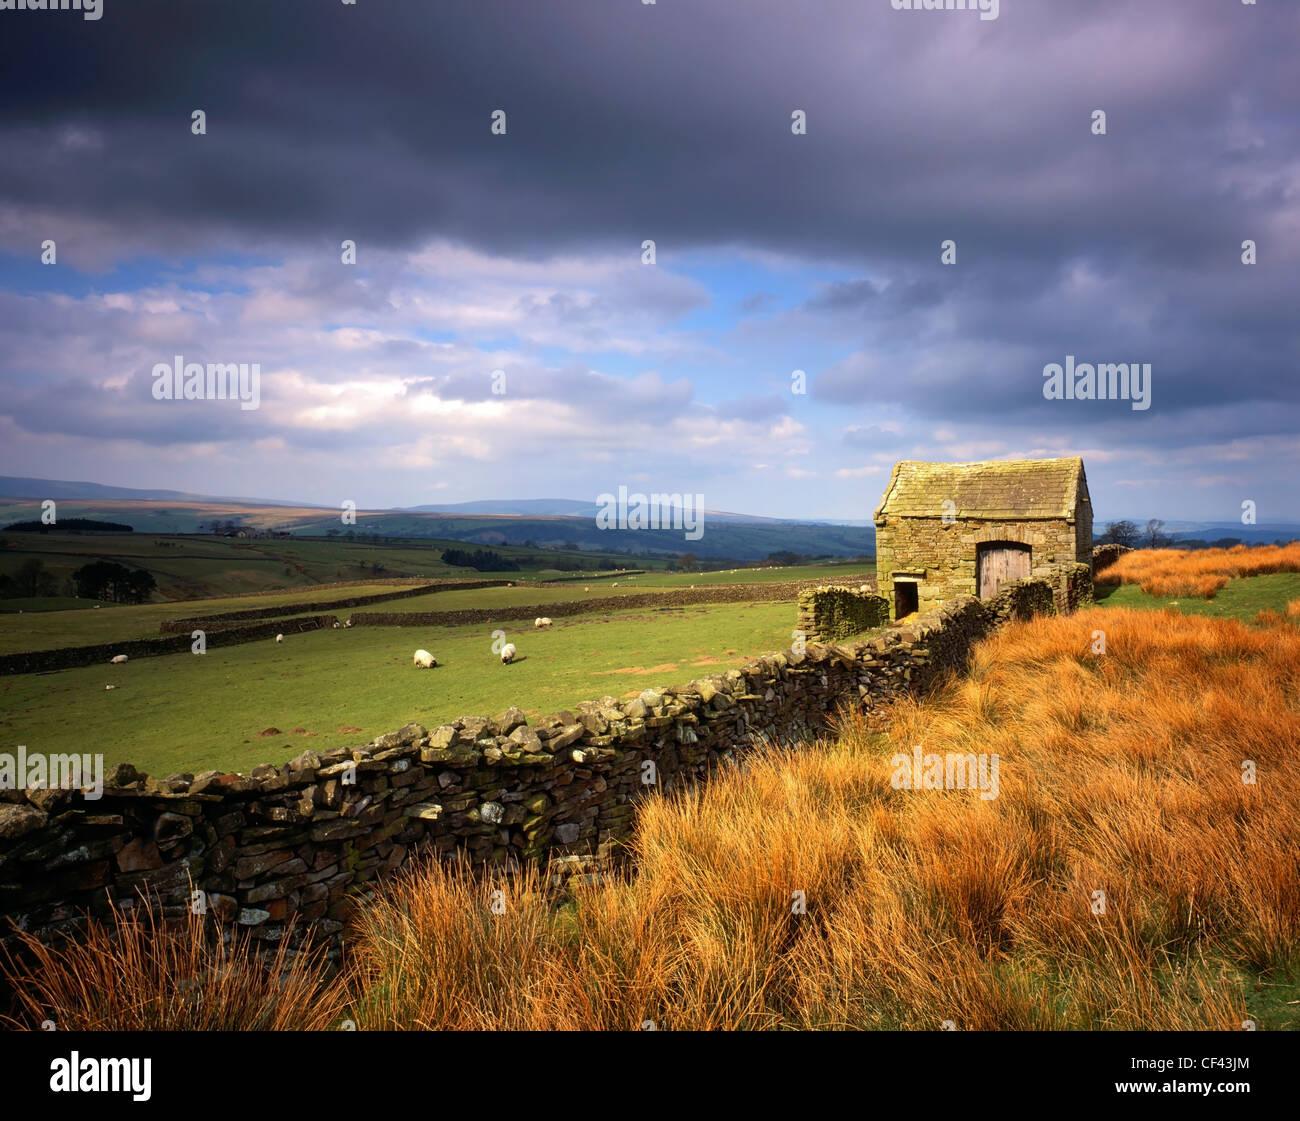 Ovejas pastando en un campo rodeado por una pared de piedra seca tradicional y granero en el bosque de Bowland. Imagen De Stock